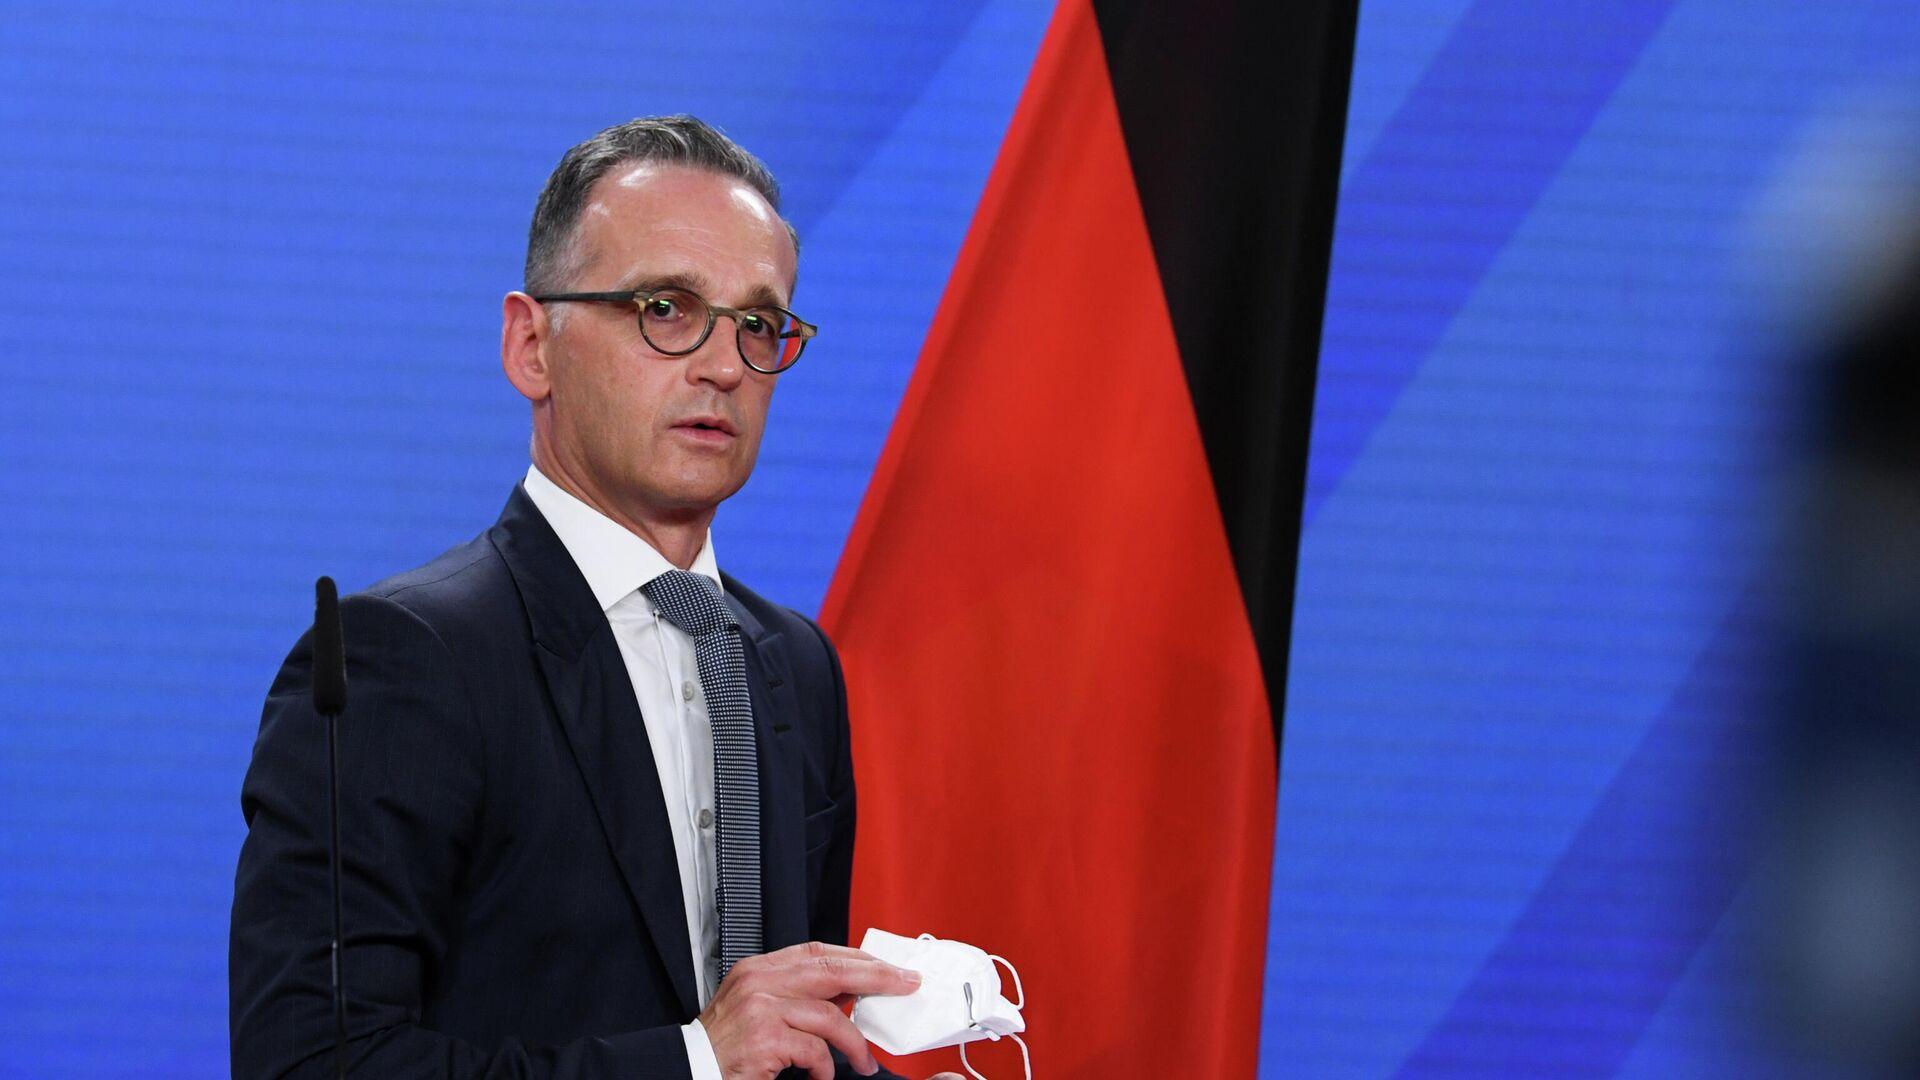 Der deutsche Außenminister Heiko Maas gibt einen Pressestatement vor einem Sondertreffen der EU-Außenminister am 17. August 2021 ab. - SNA, 1920, 02.09.2021